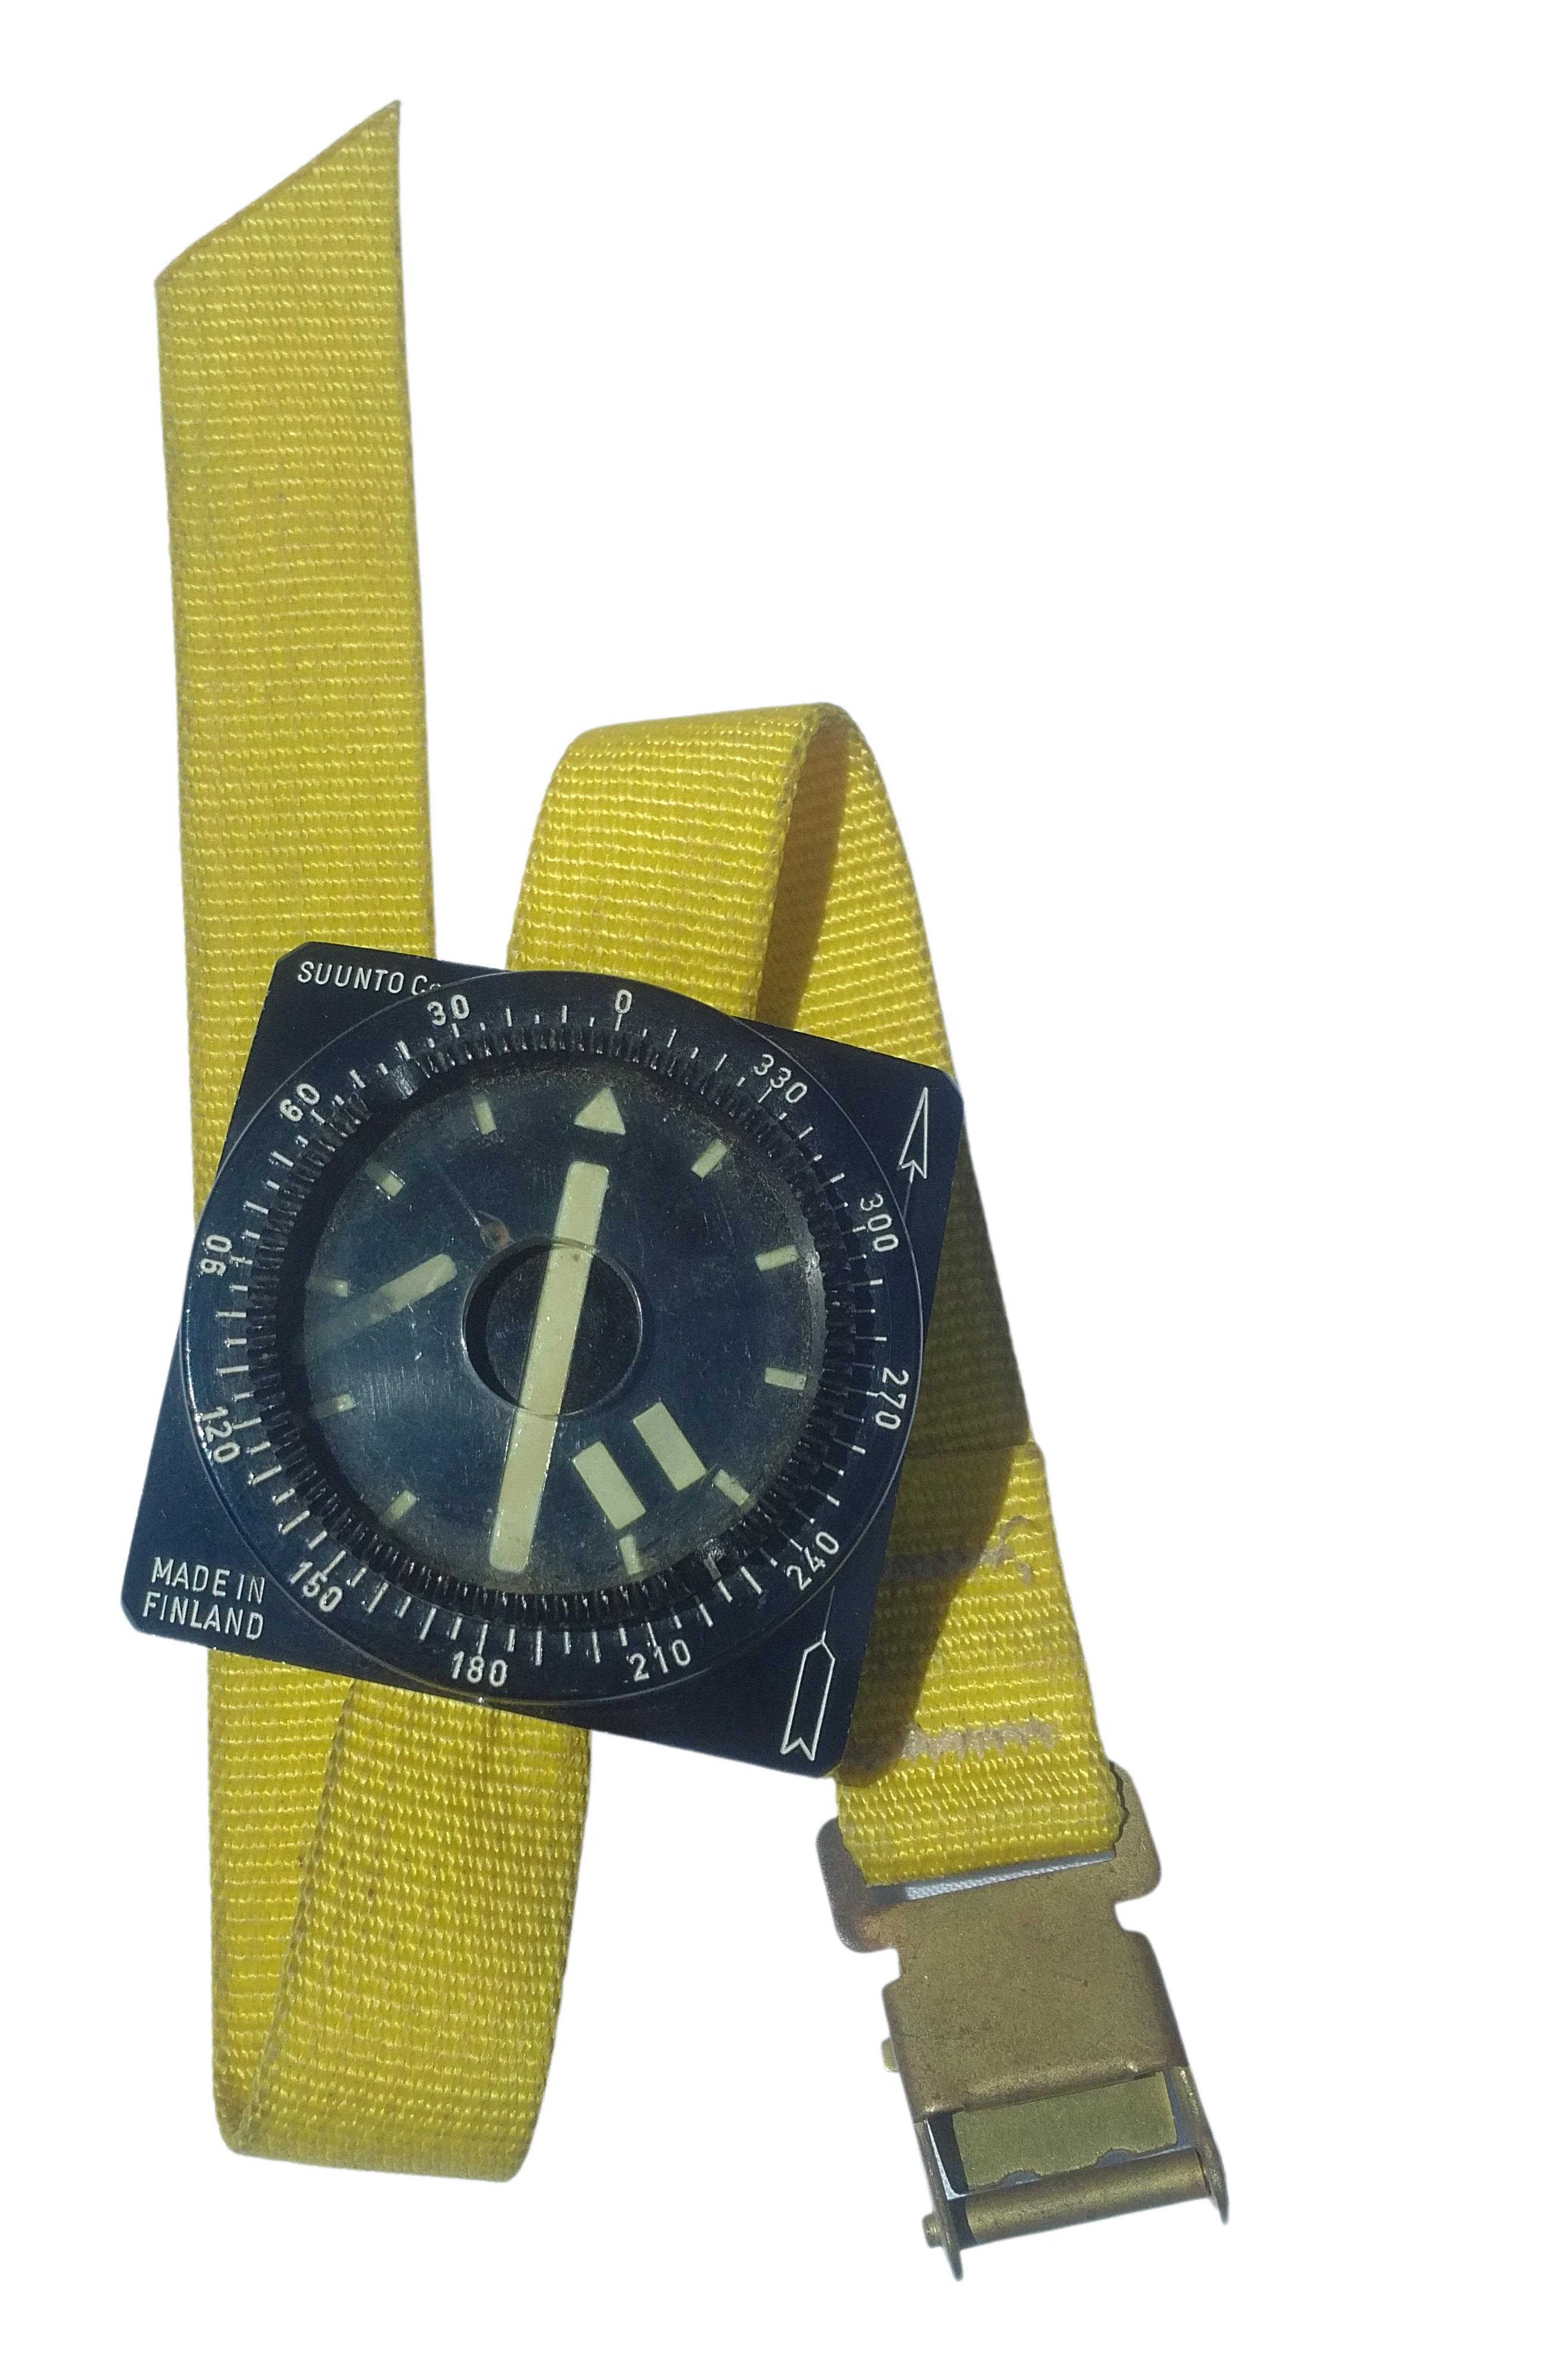 Suunto Potápěčský náramkový kompas Suntoo BARAKUDA na ruku Finsko vintage